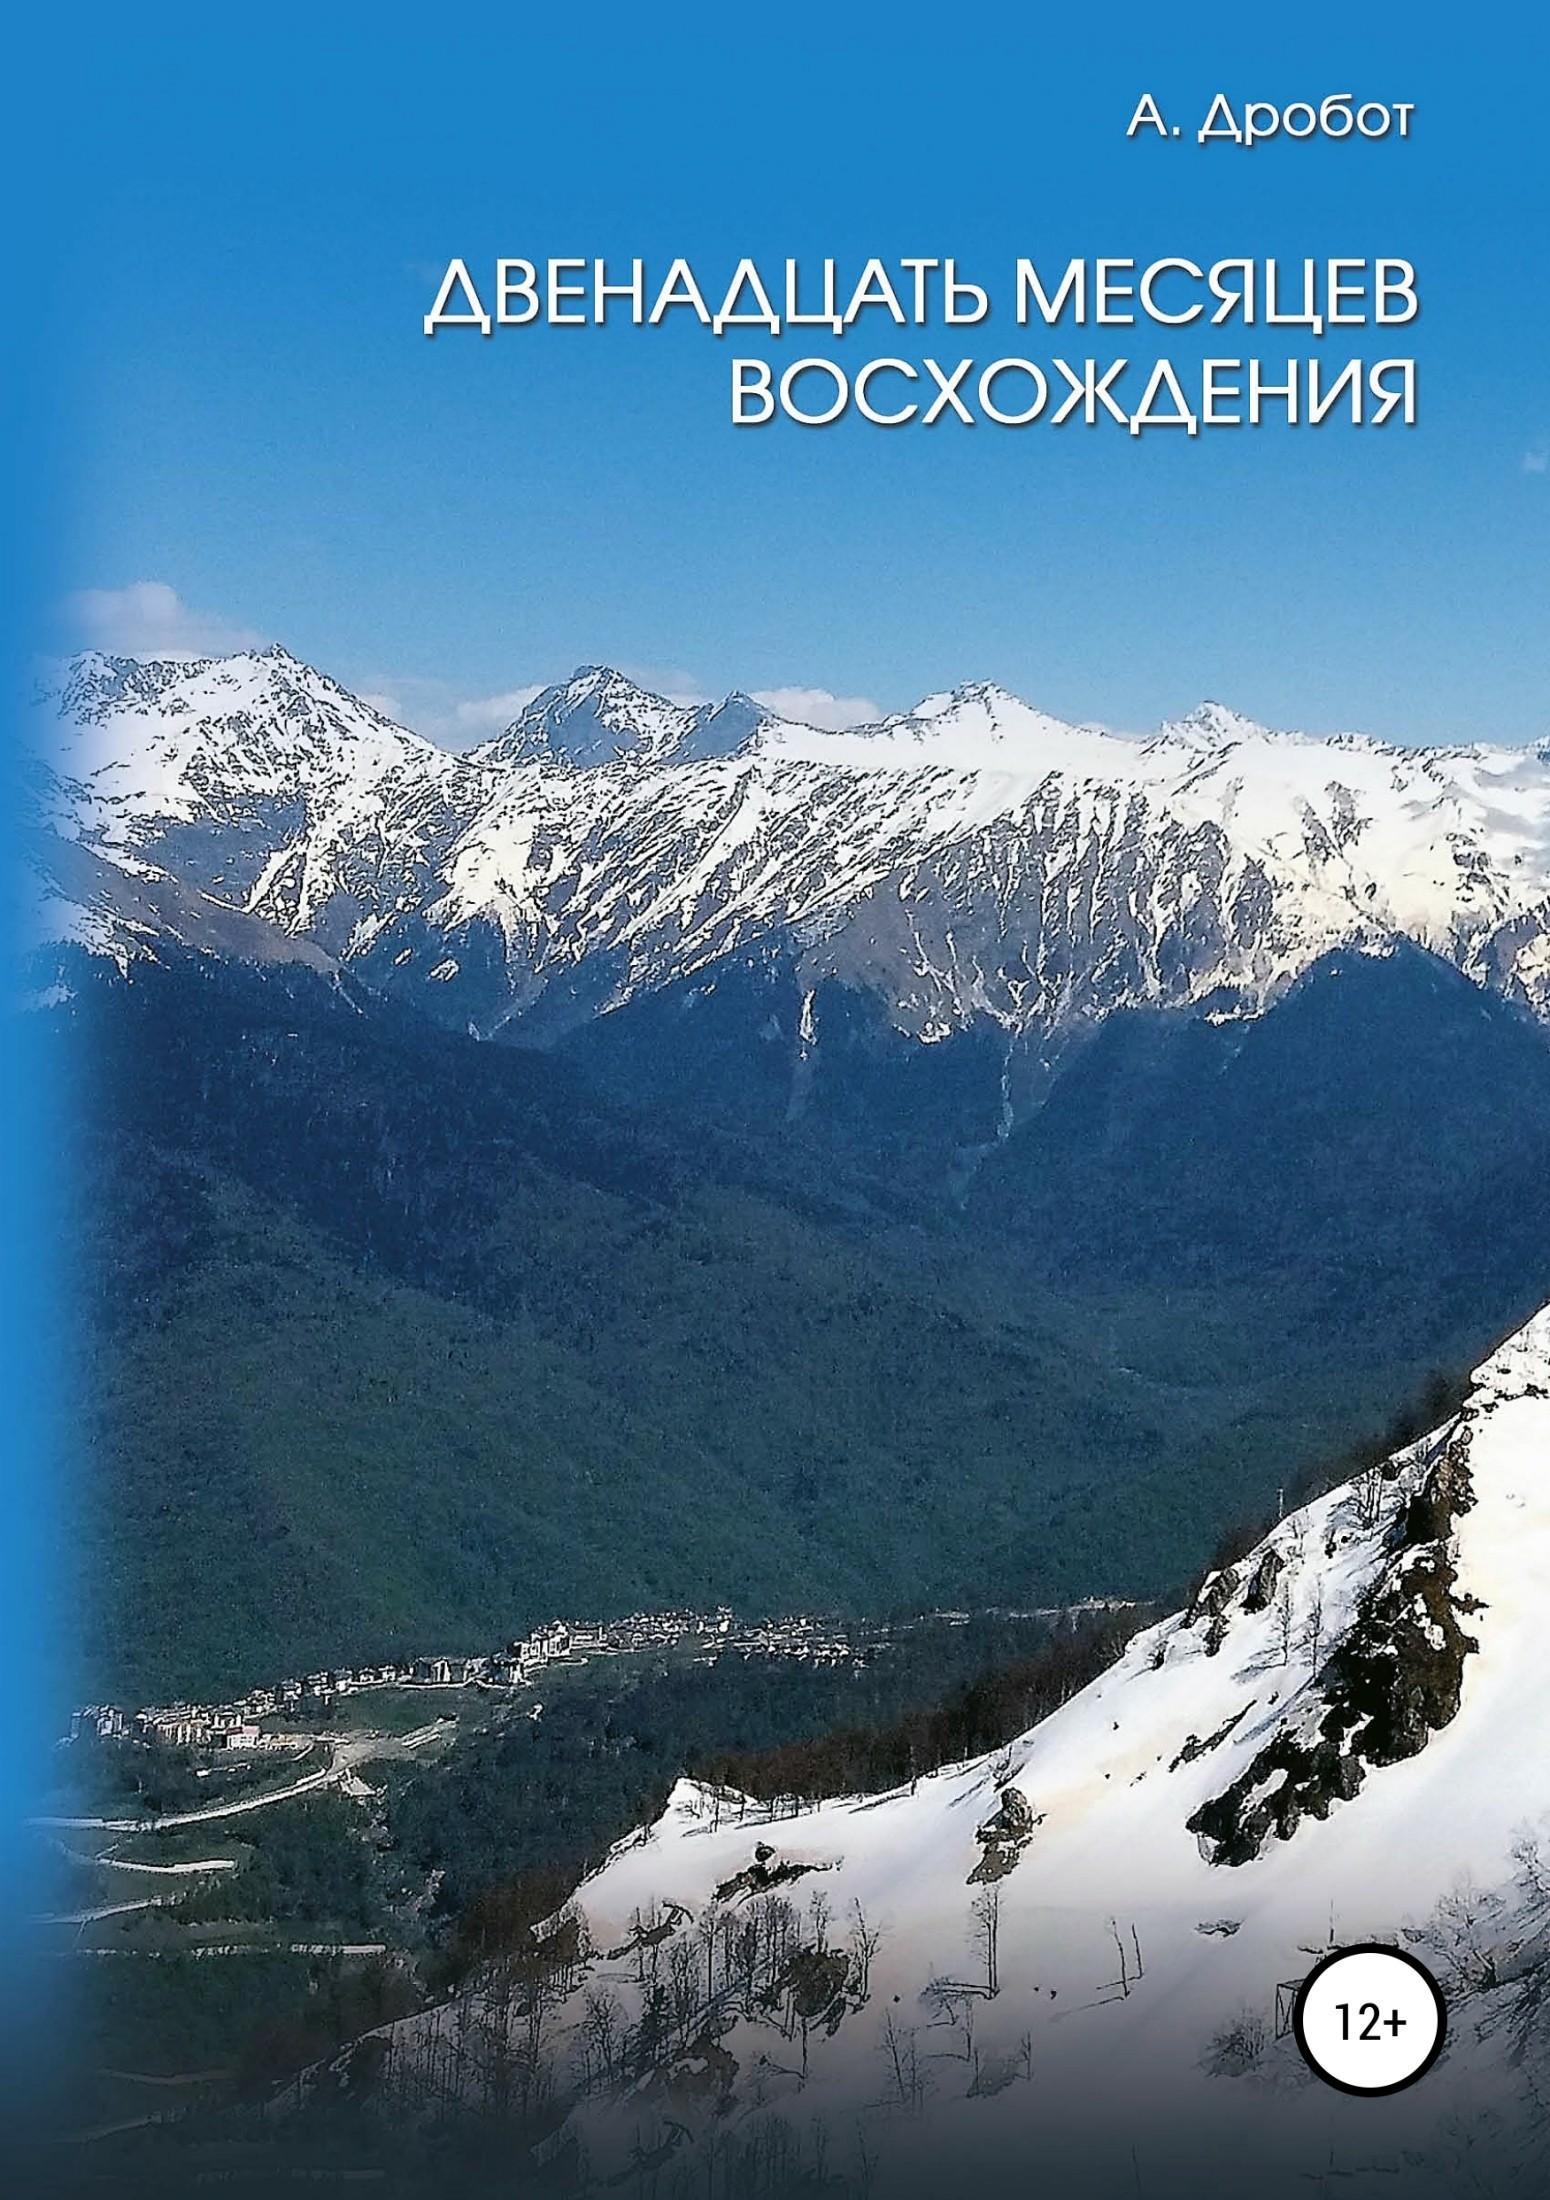 Андрей Дробот - Двенадцать месяцев восхождения